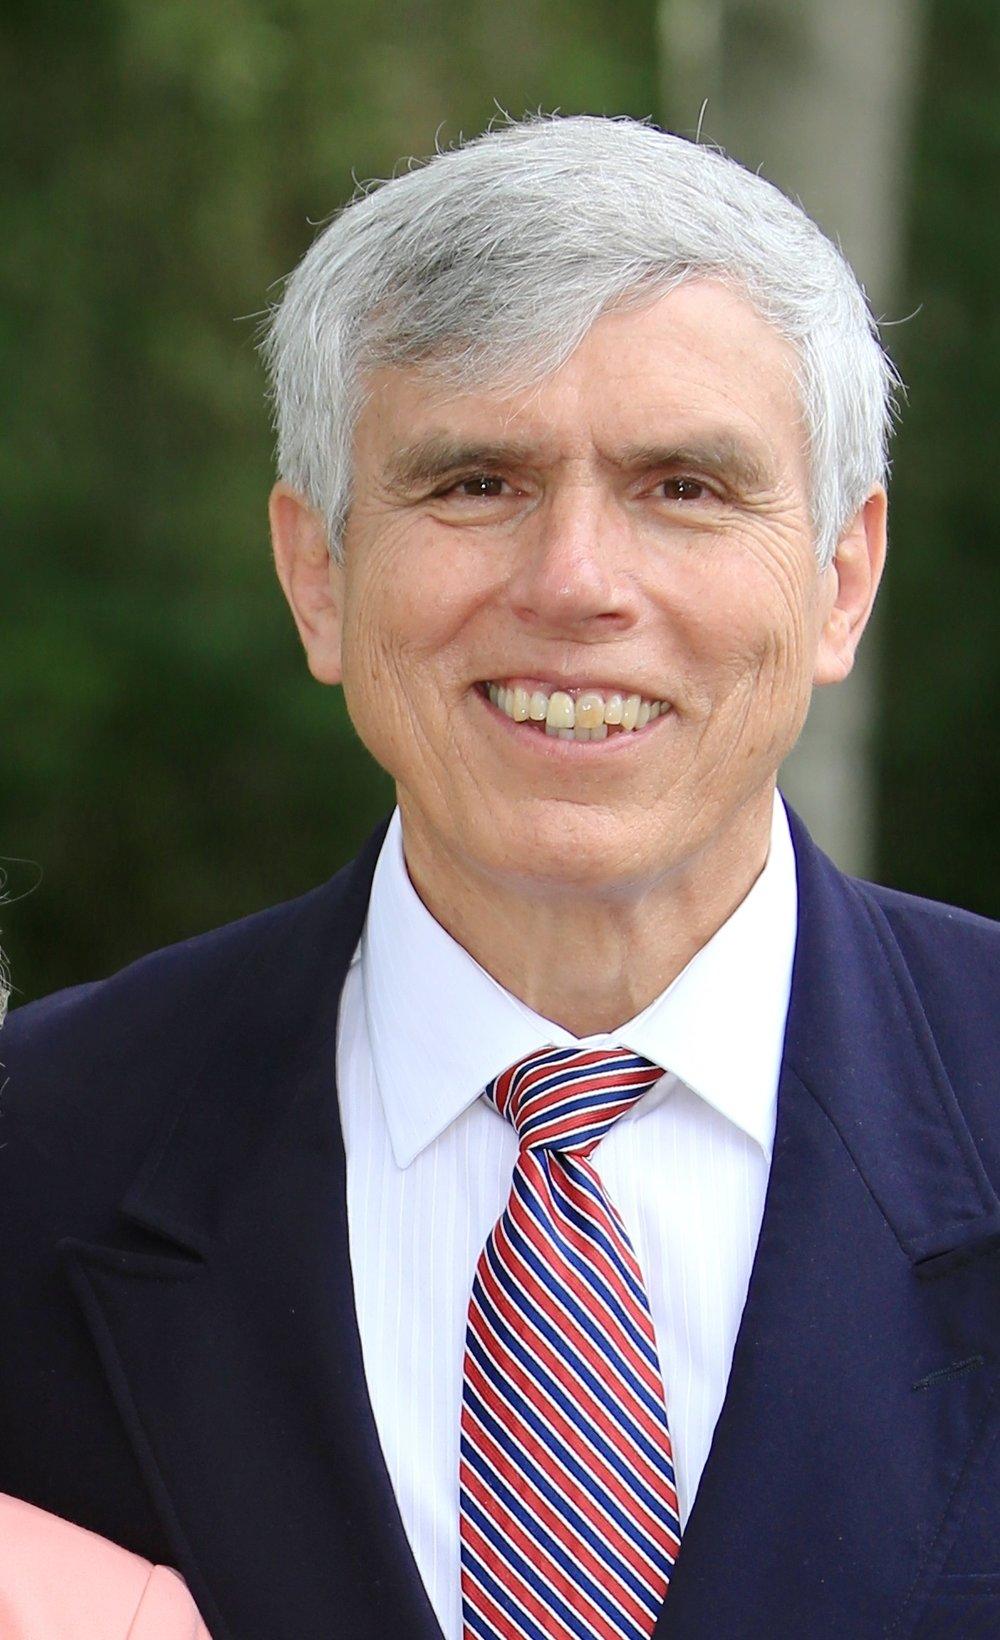 John Wainionpää, Elder